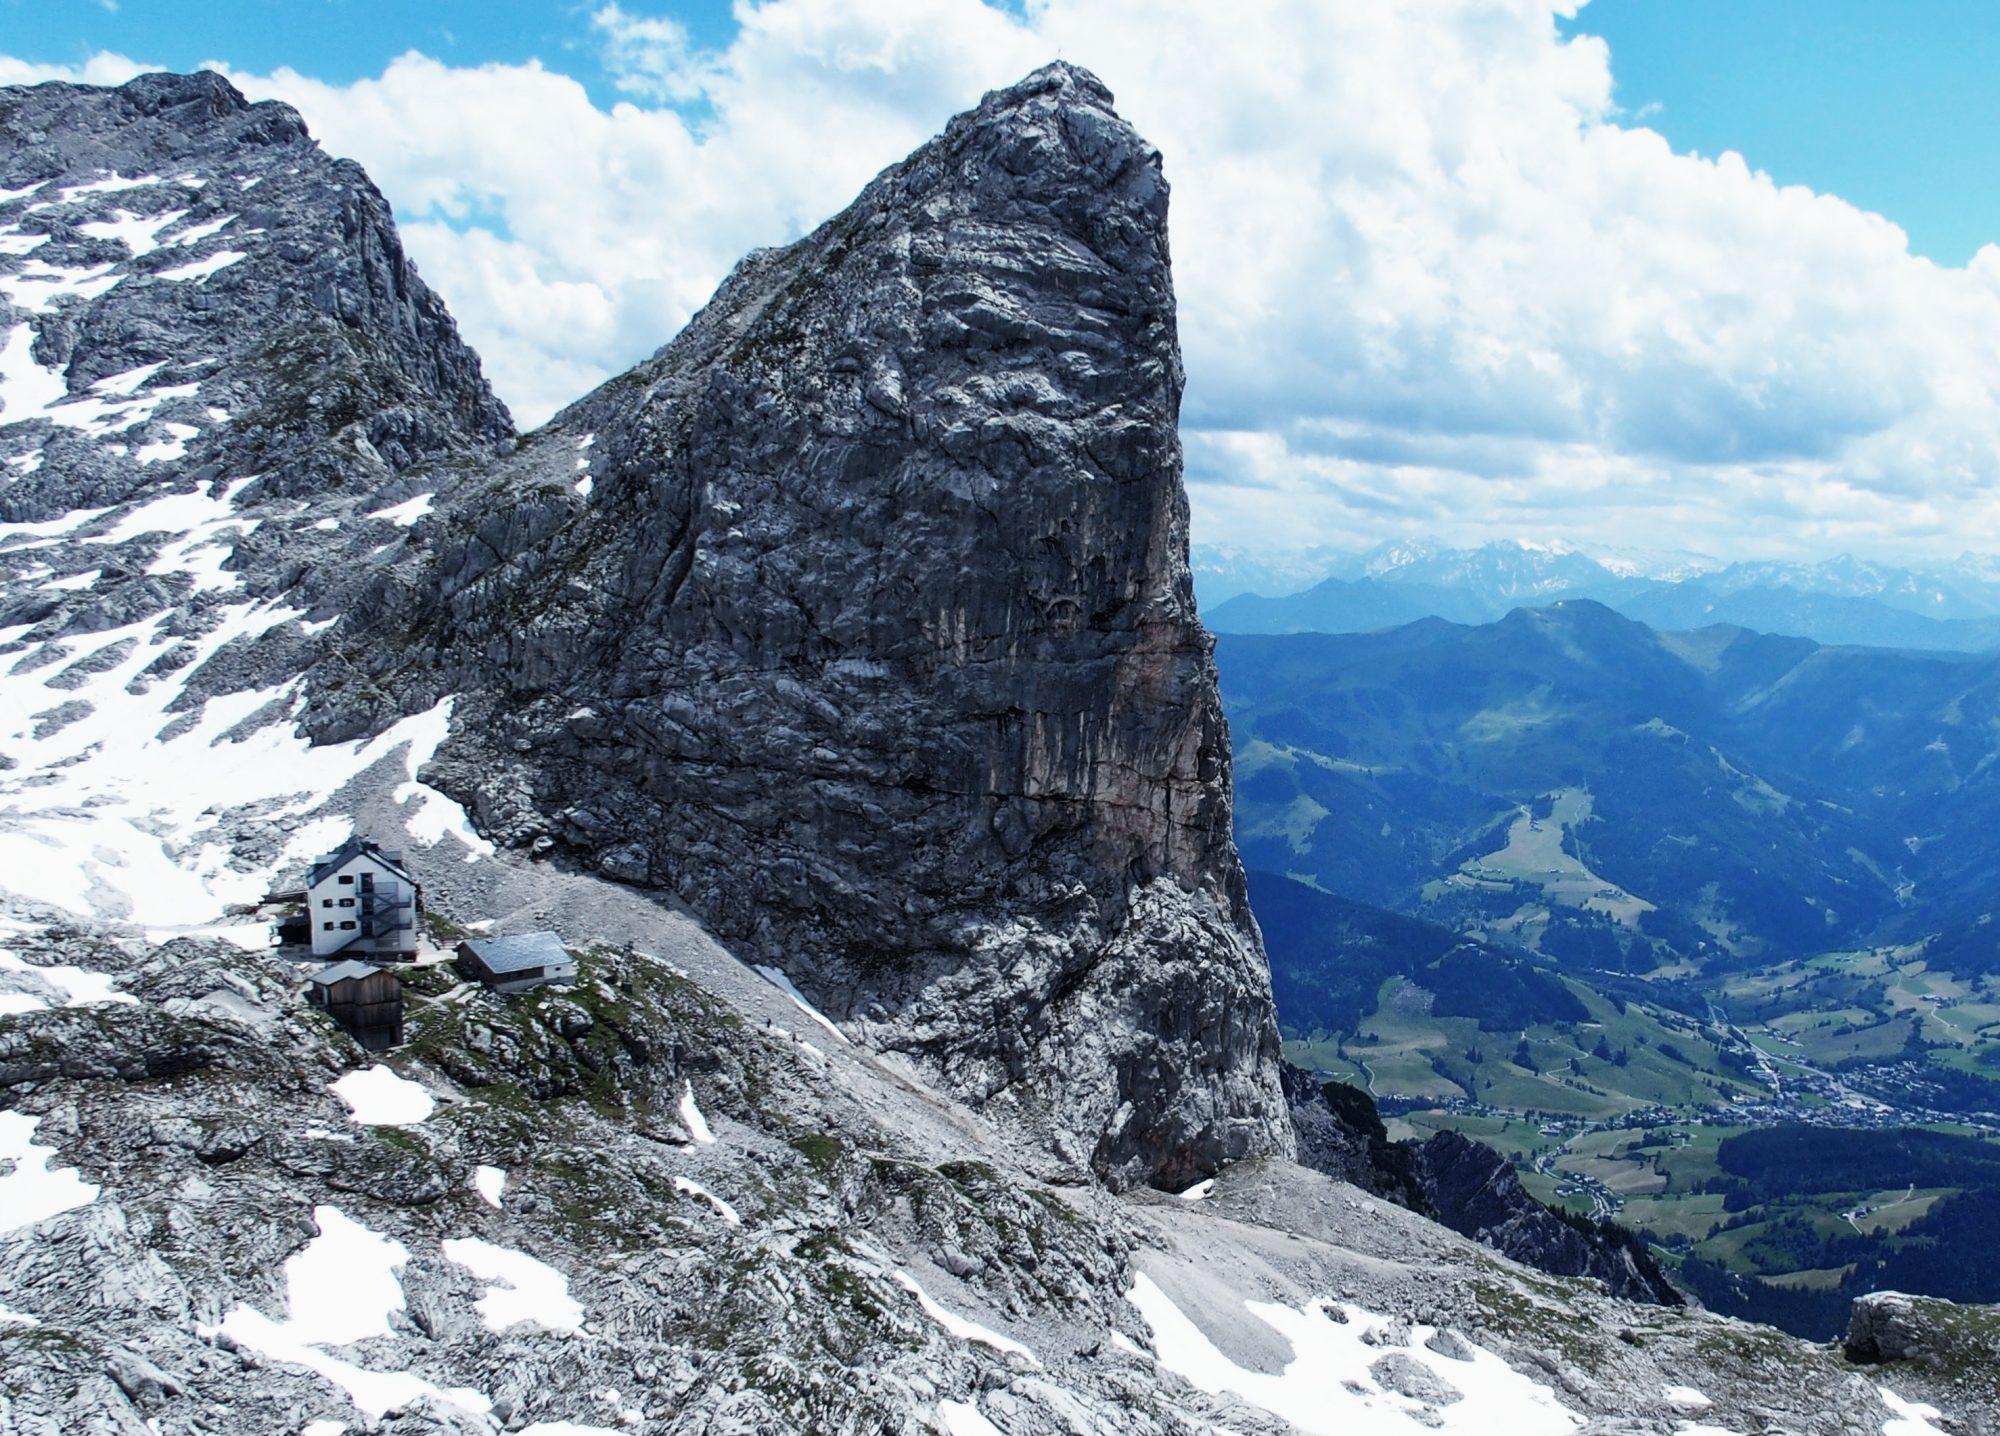 Riemanhaus, In 10 Schritten fit fürs Hüttenleben, Tipps Hüttentour, Tipps Hüttenübernachtung, Alpenüberquerung, Alpenvereinshütte, Übernachtung Hütte